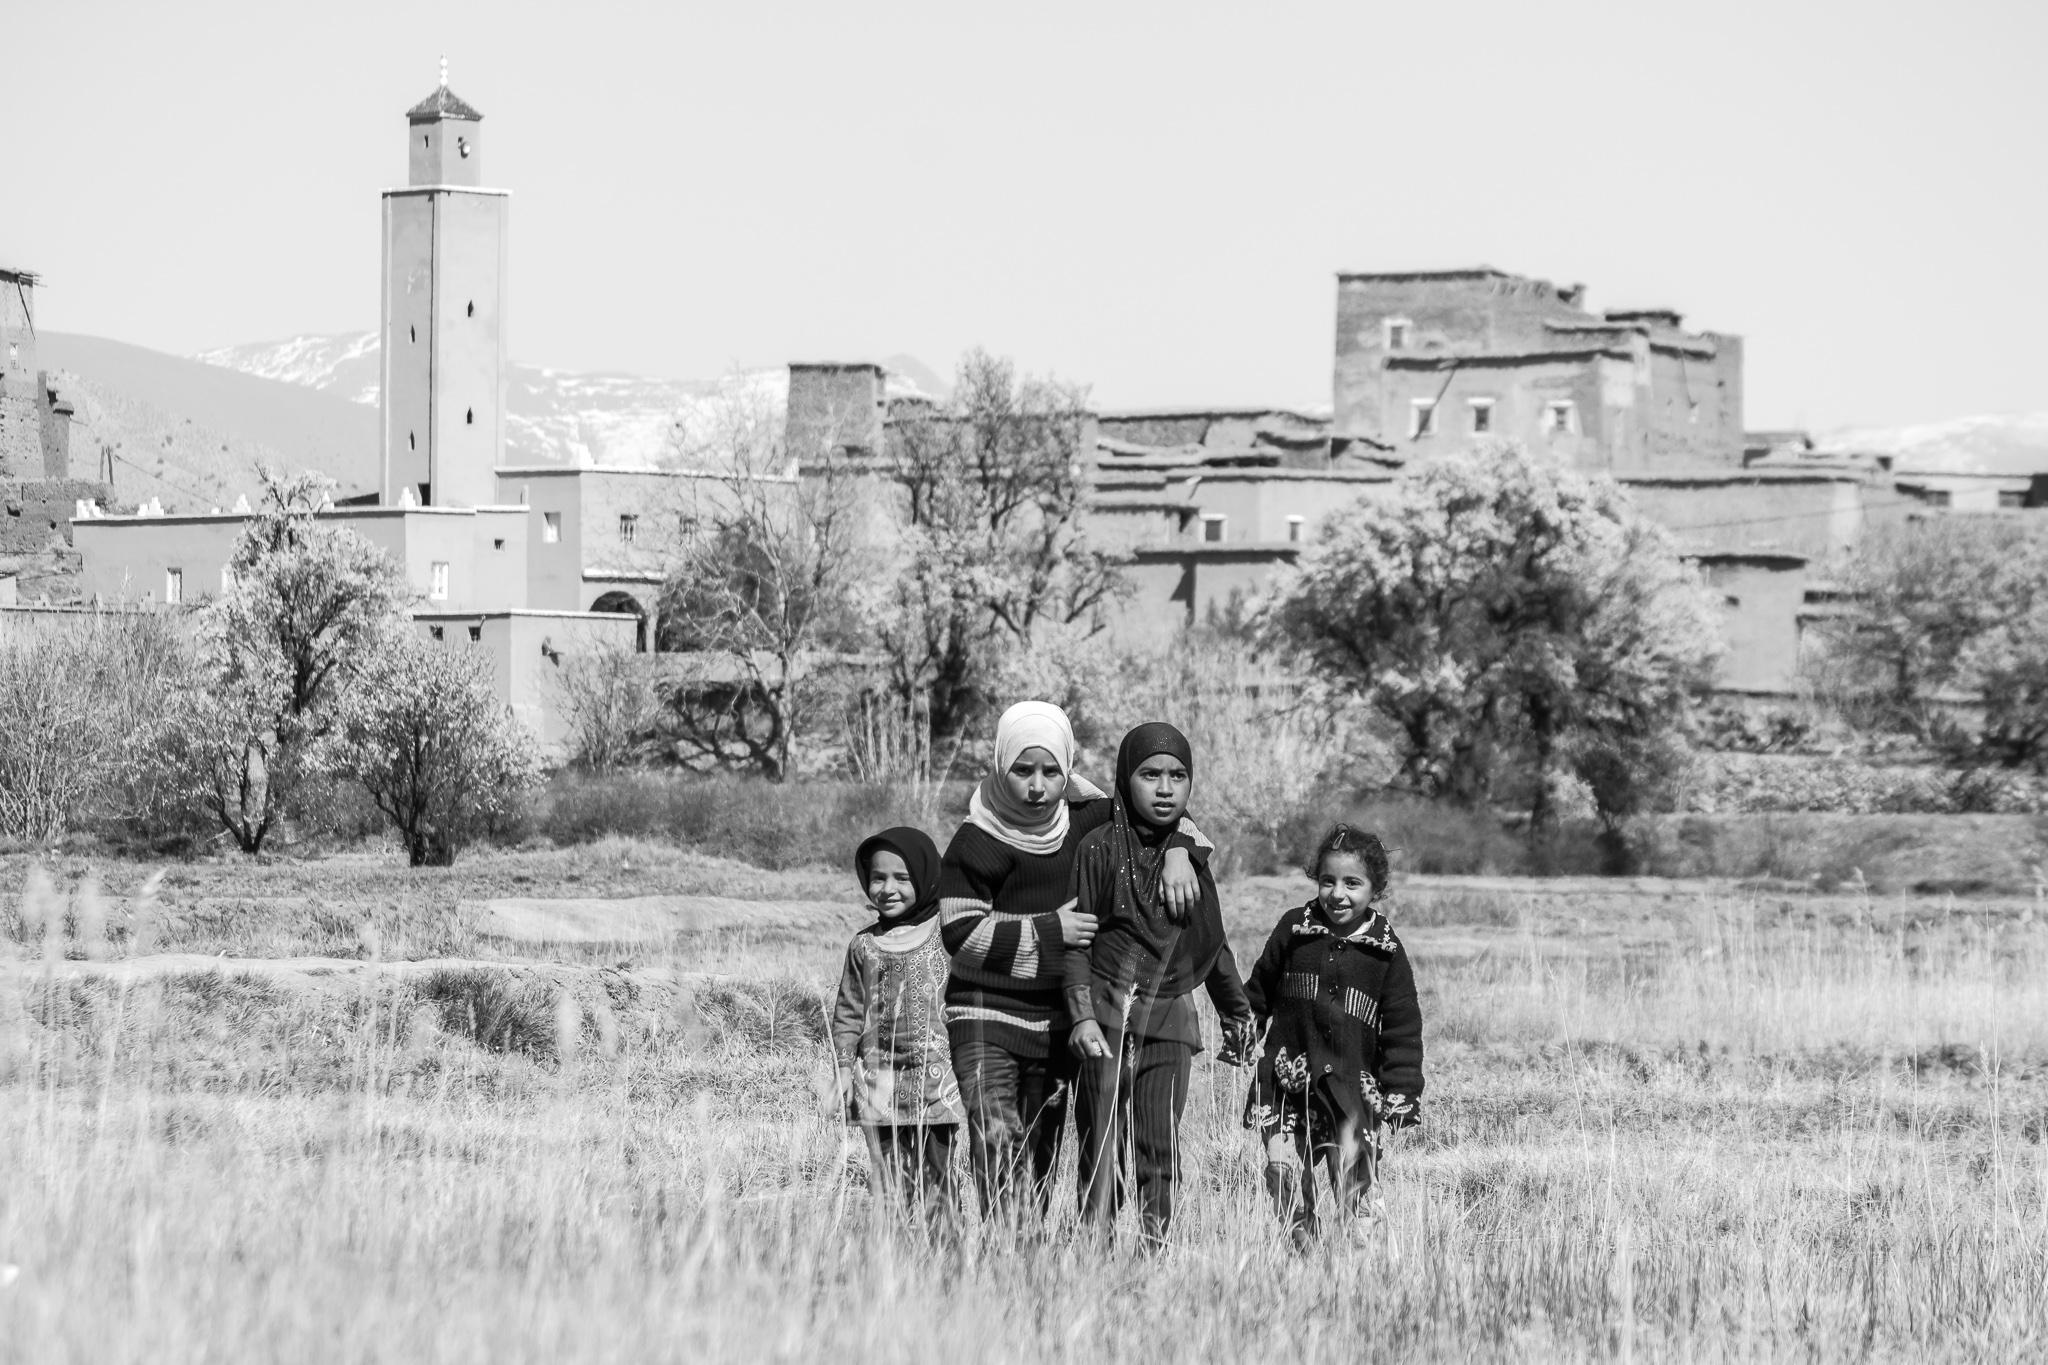 A súa lingoa materna é o Tamazight, expresada con símbolos na súa forma escrita, e é a linguaxe predominante do norte de África. <br>Como reflexo de opresión recibida por parte da cultura árabe, a lingoa Tamazight foi prohibida nas escolas marroquís ata o 2001, ano en que foi recoñecida tamén como lingua oficial.